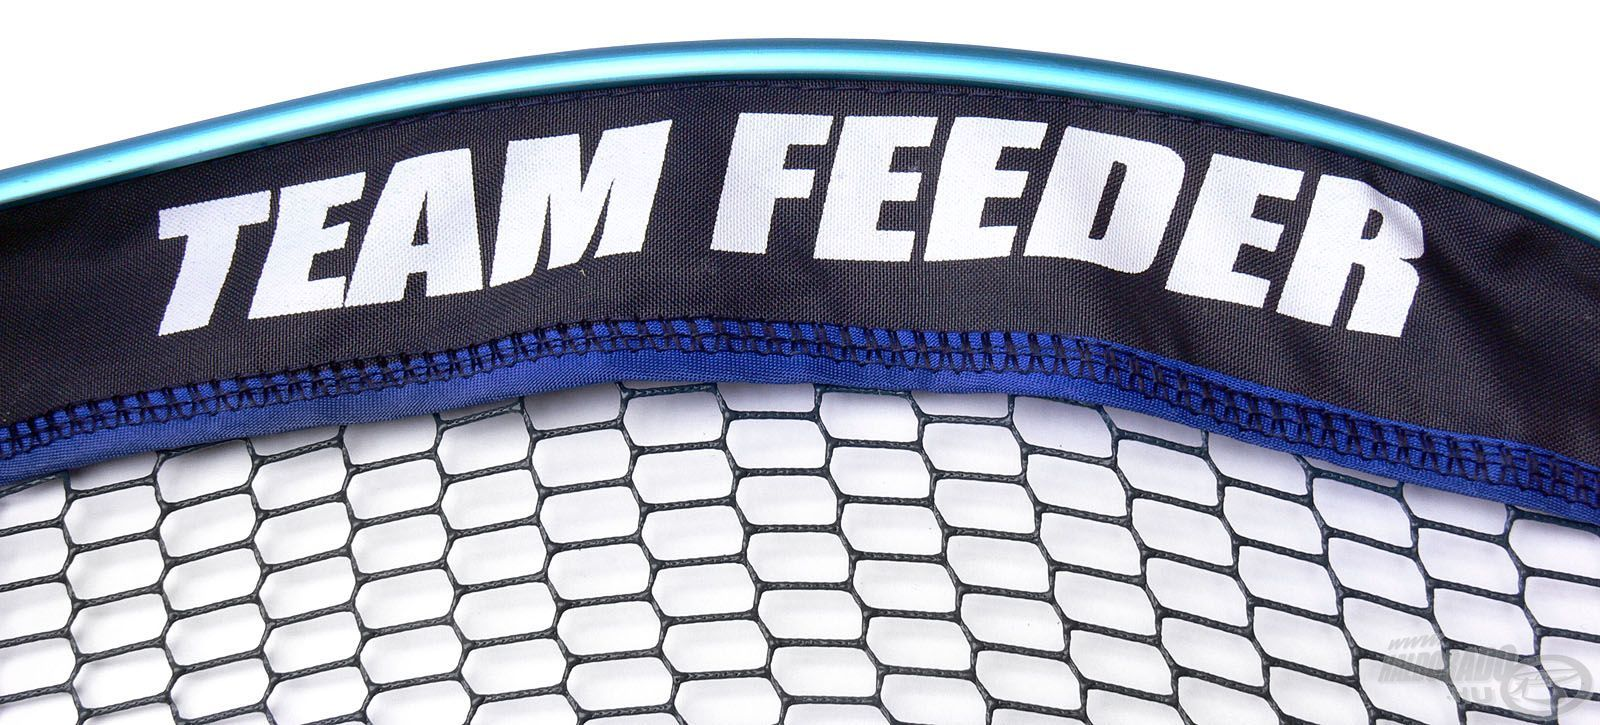 Nemcsak strapabíró, hanem dizájnos is, a védőkeret körben és kívül-belül TEAM FEEDER feliratot visel